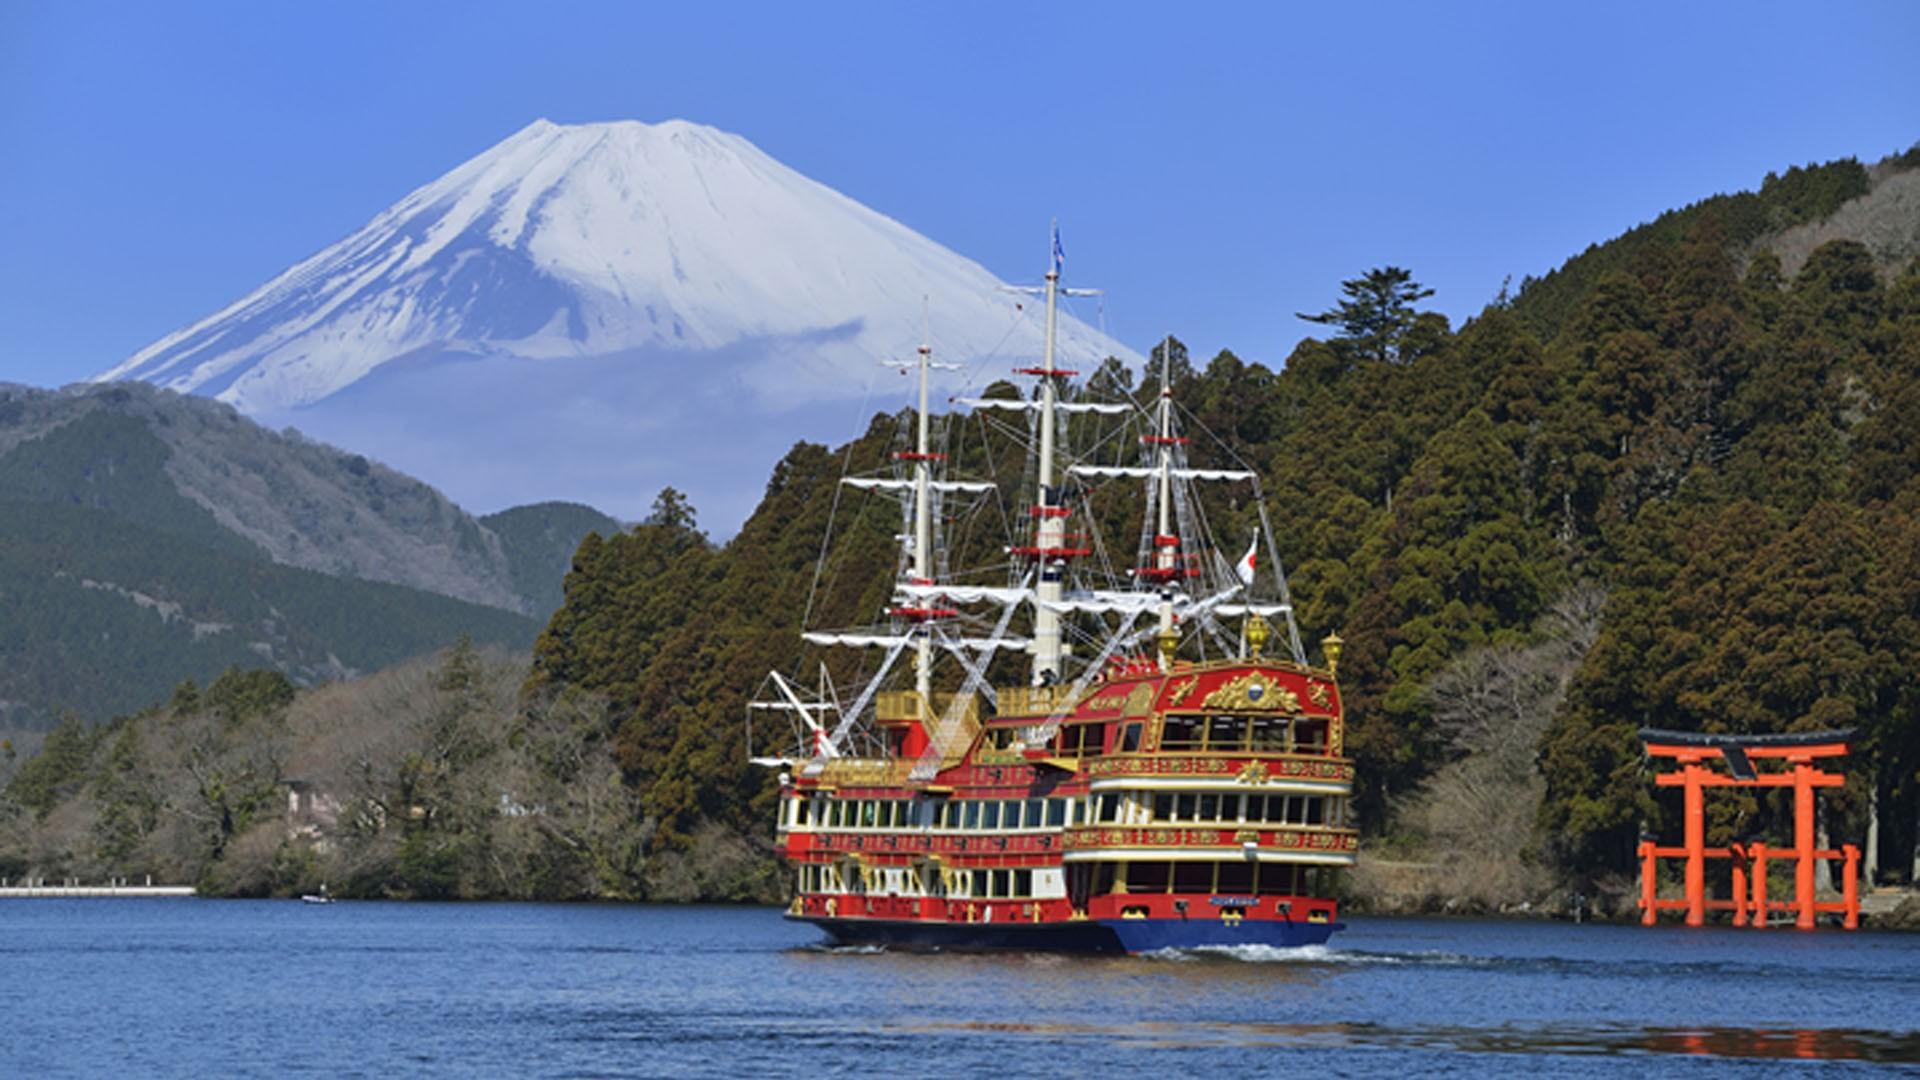 เรือล่องชมสถานที่ ฮะโกะเนะ